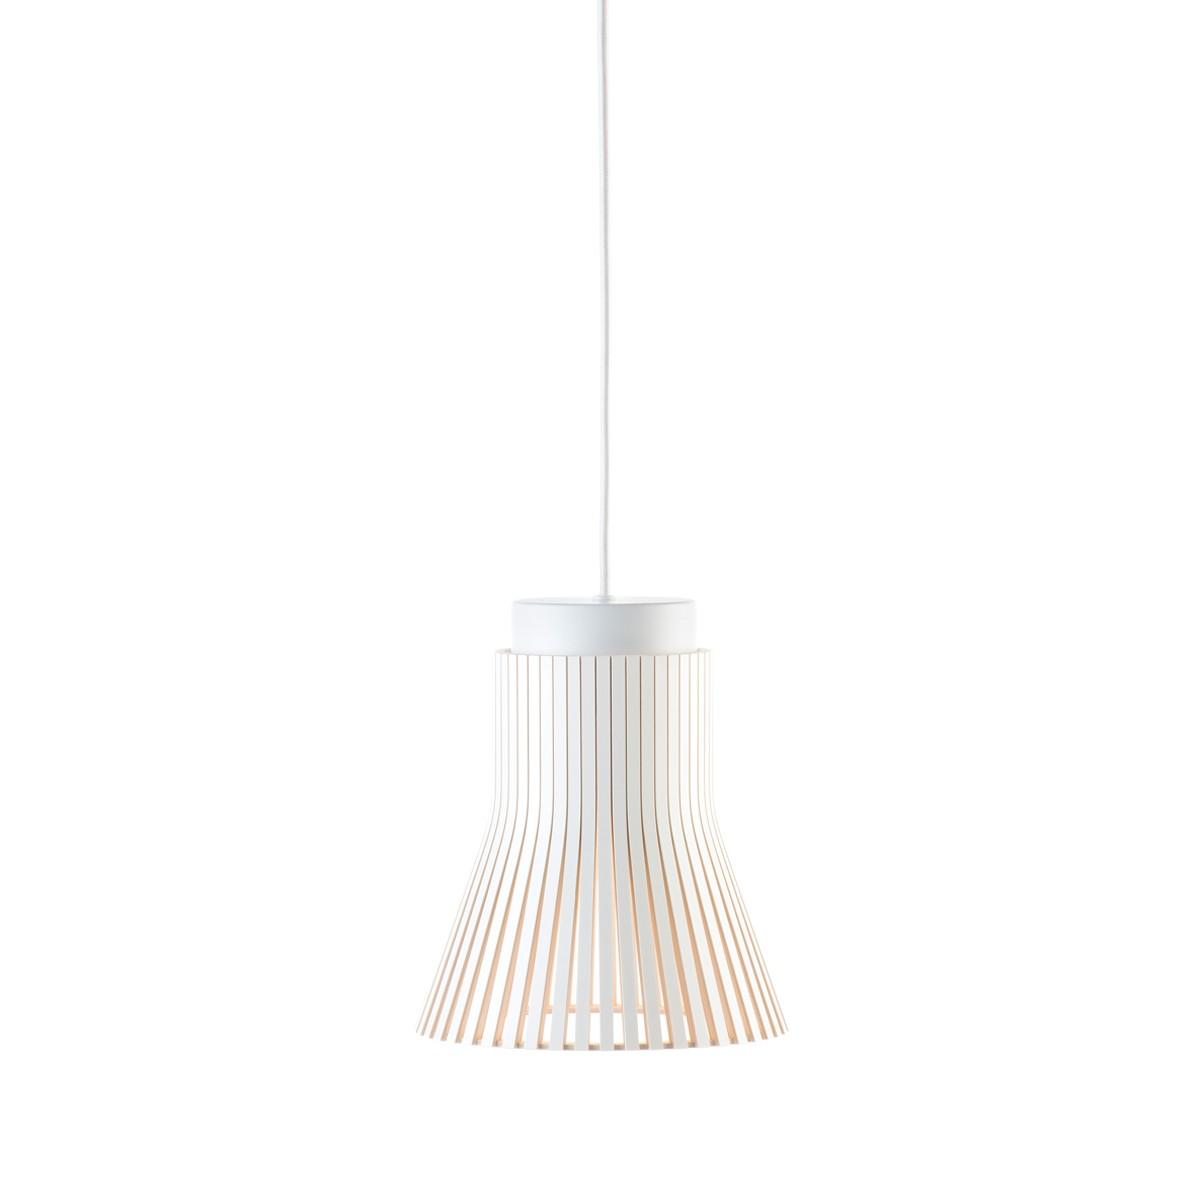 Secto Design Petite 4600 Pendelleuchte, weiß laminiert, Kabel: weiß